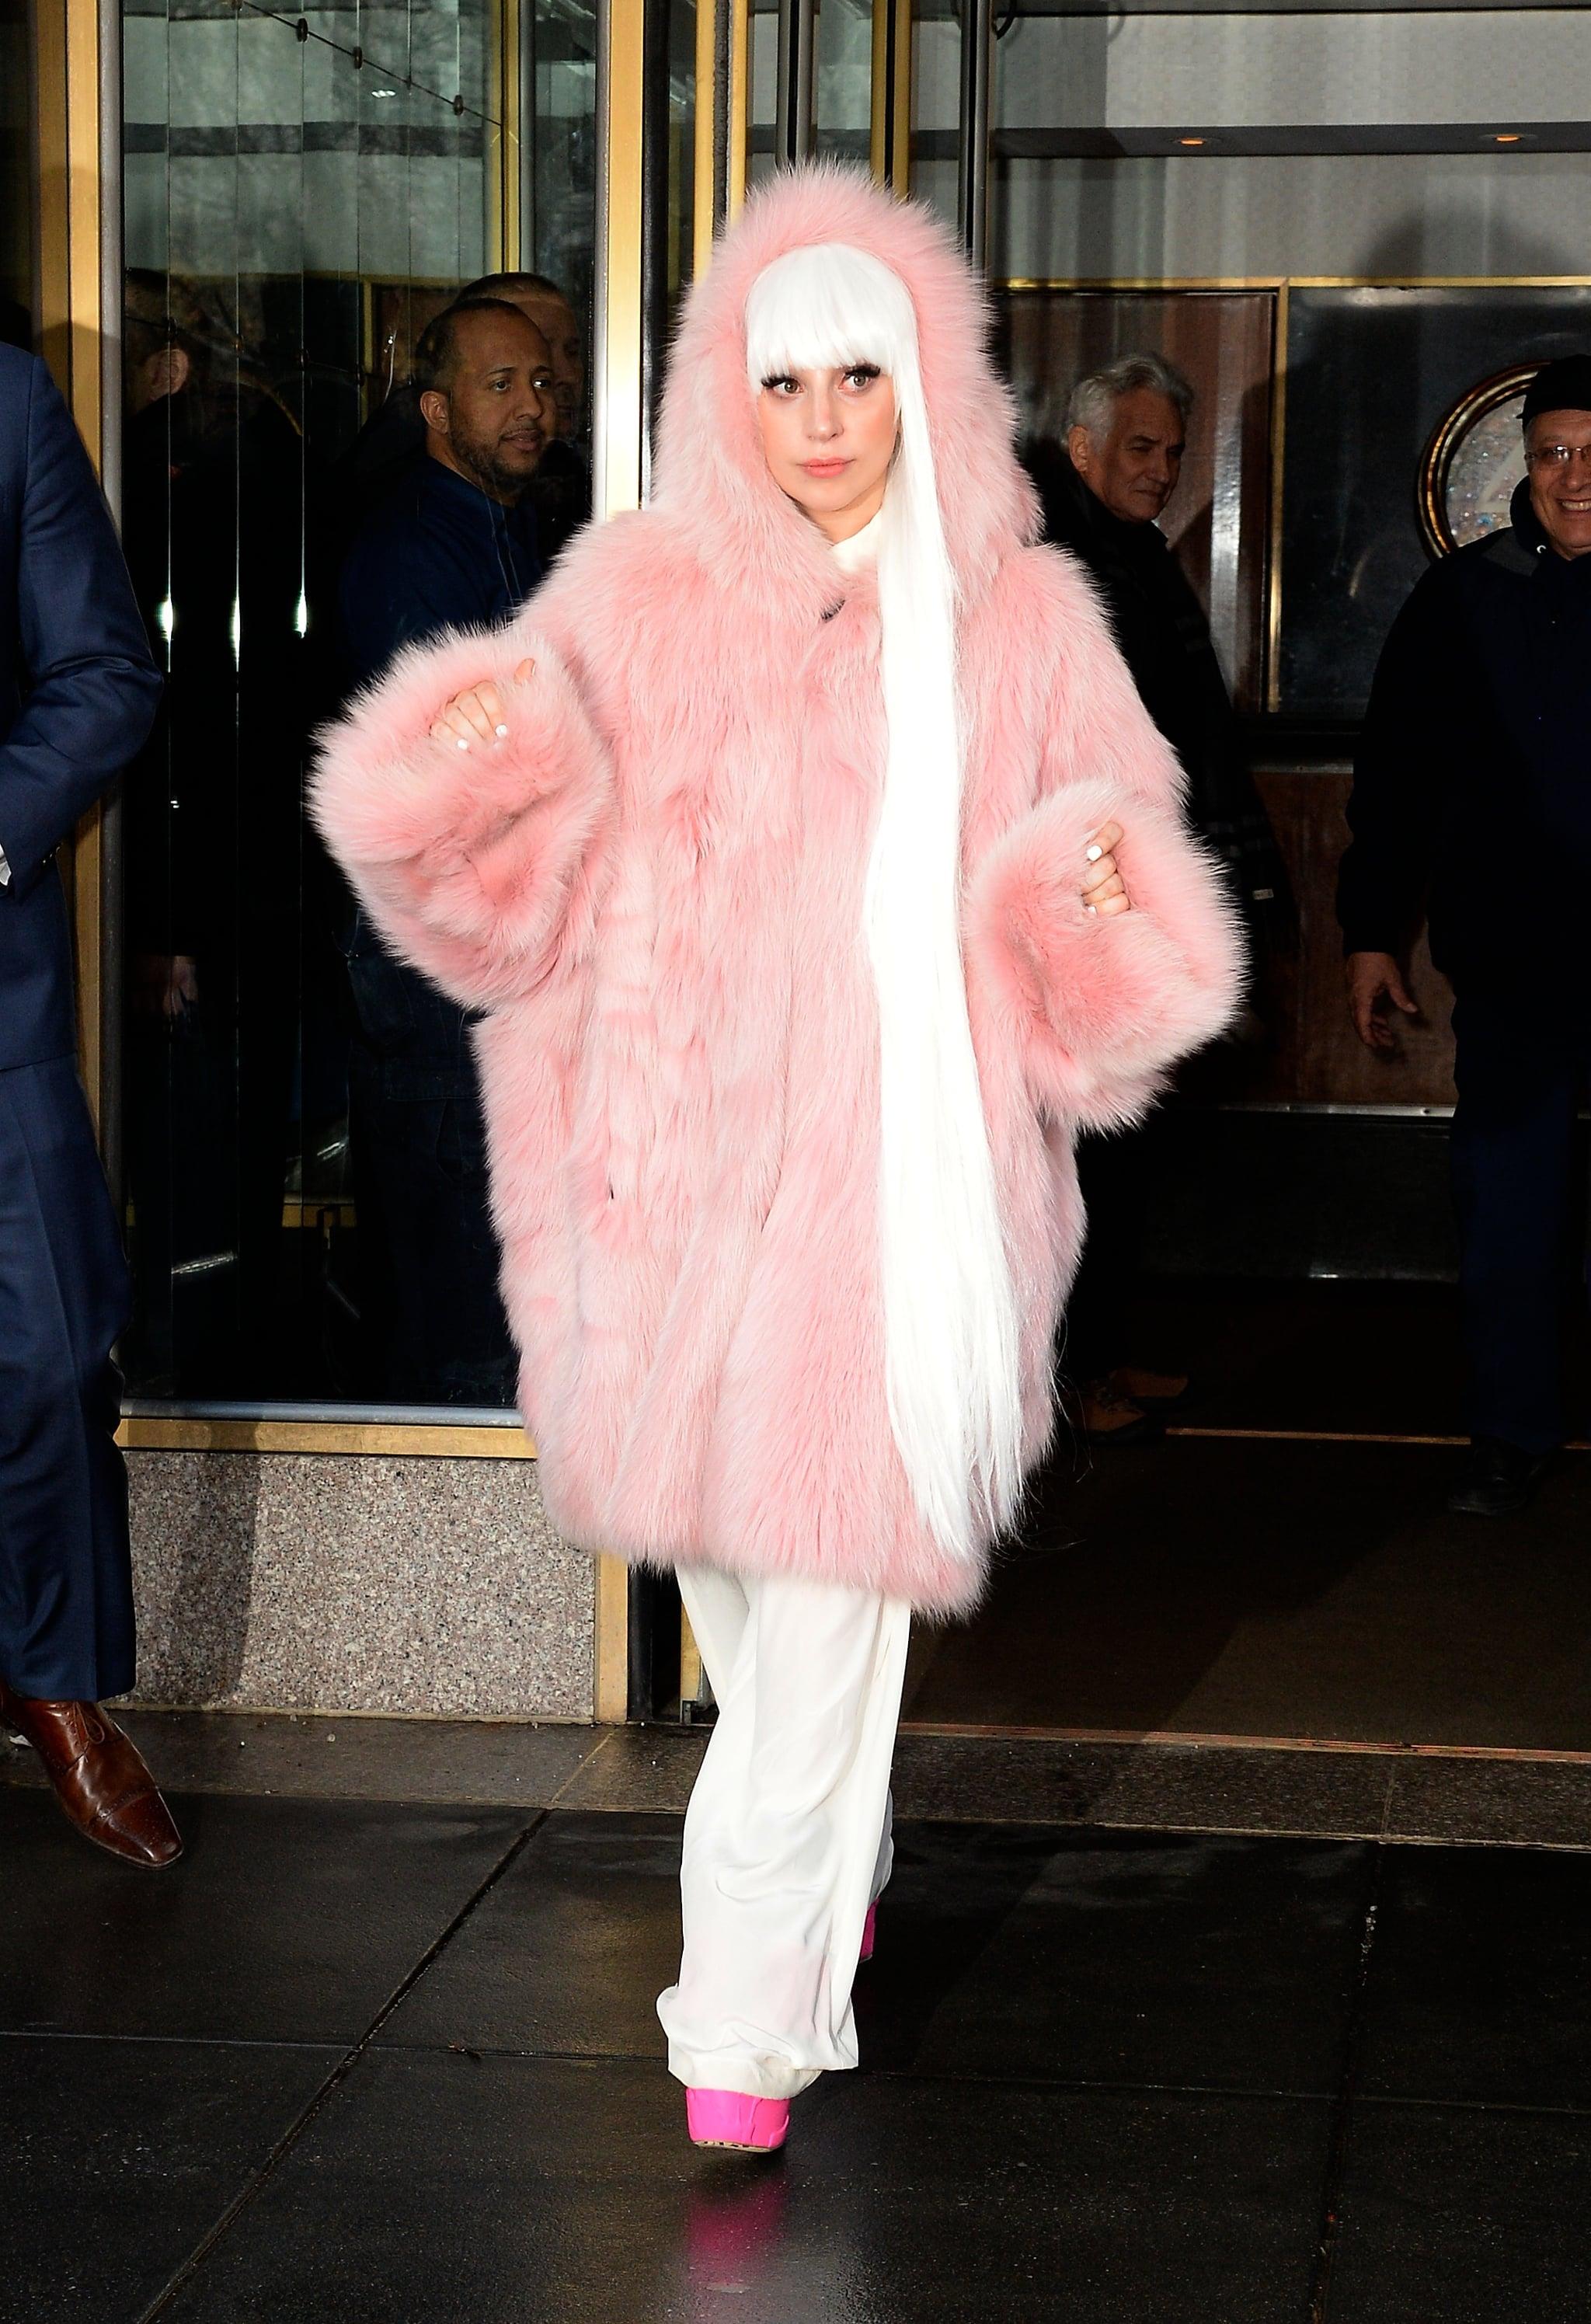 Lady-Gaga-Pink-Fur-Coat-New-York-City-20